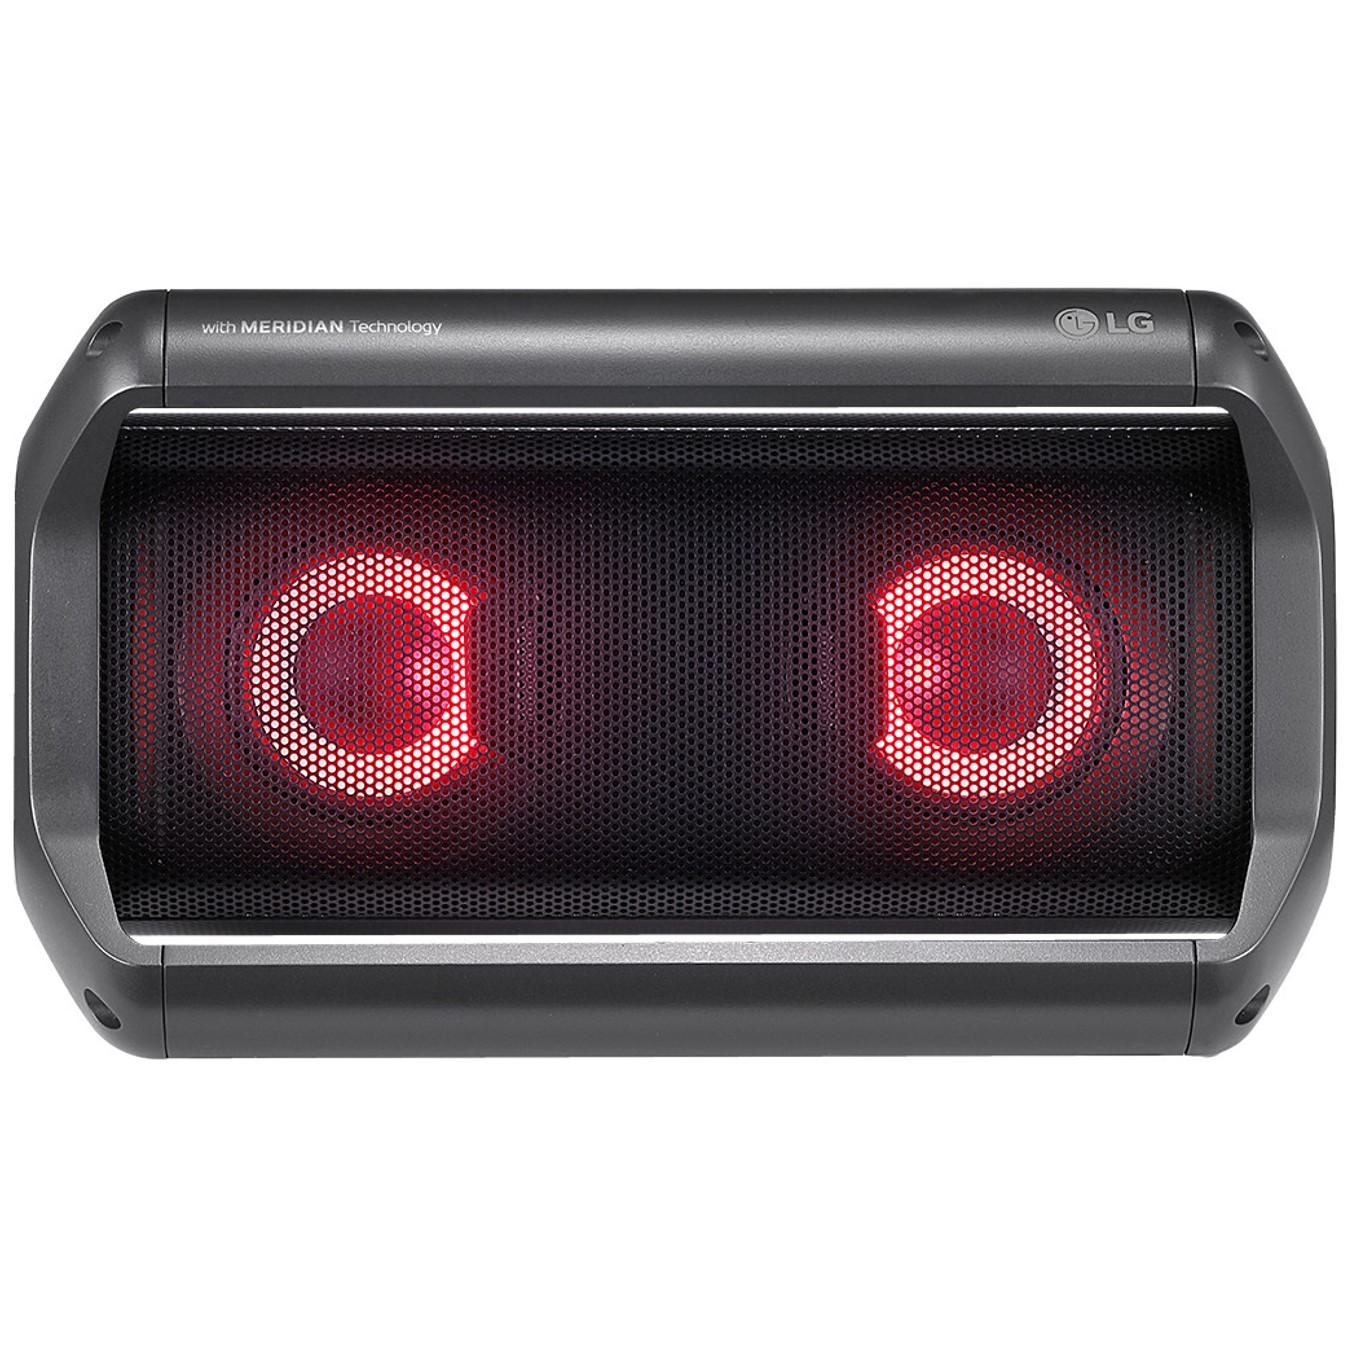 ALTAVOZ LG XBOOM GO PK5 / 15 HORAS AUTONOMIA / 20W / BLUETOOTH